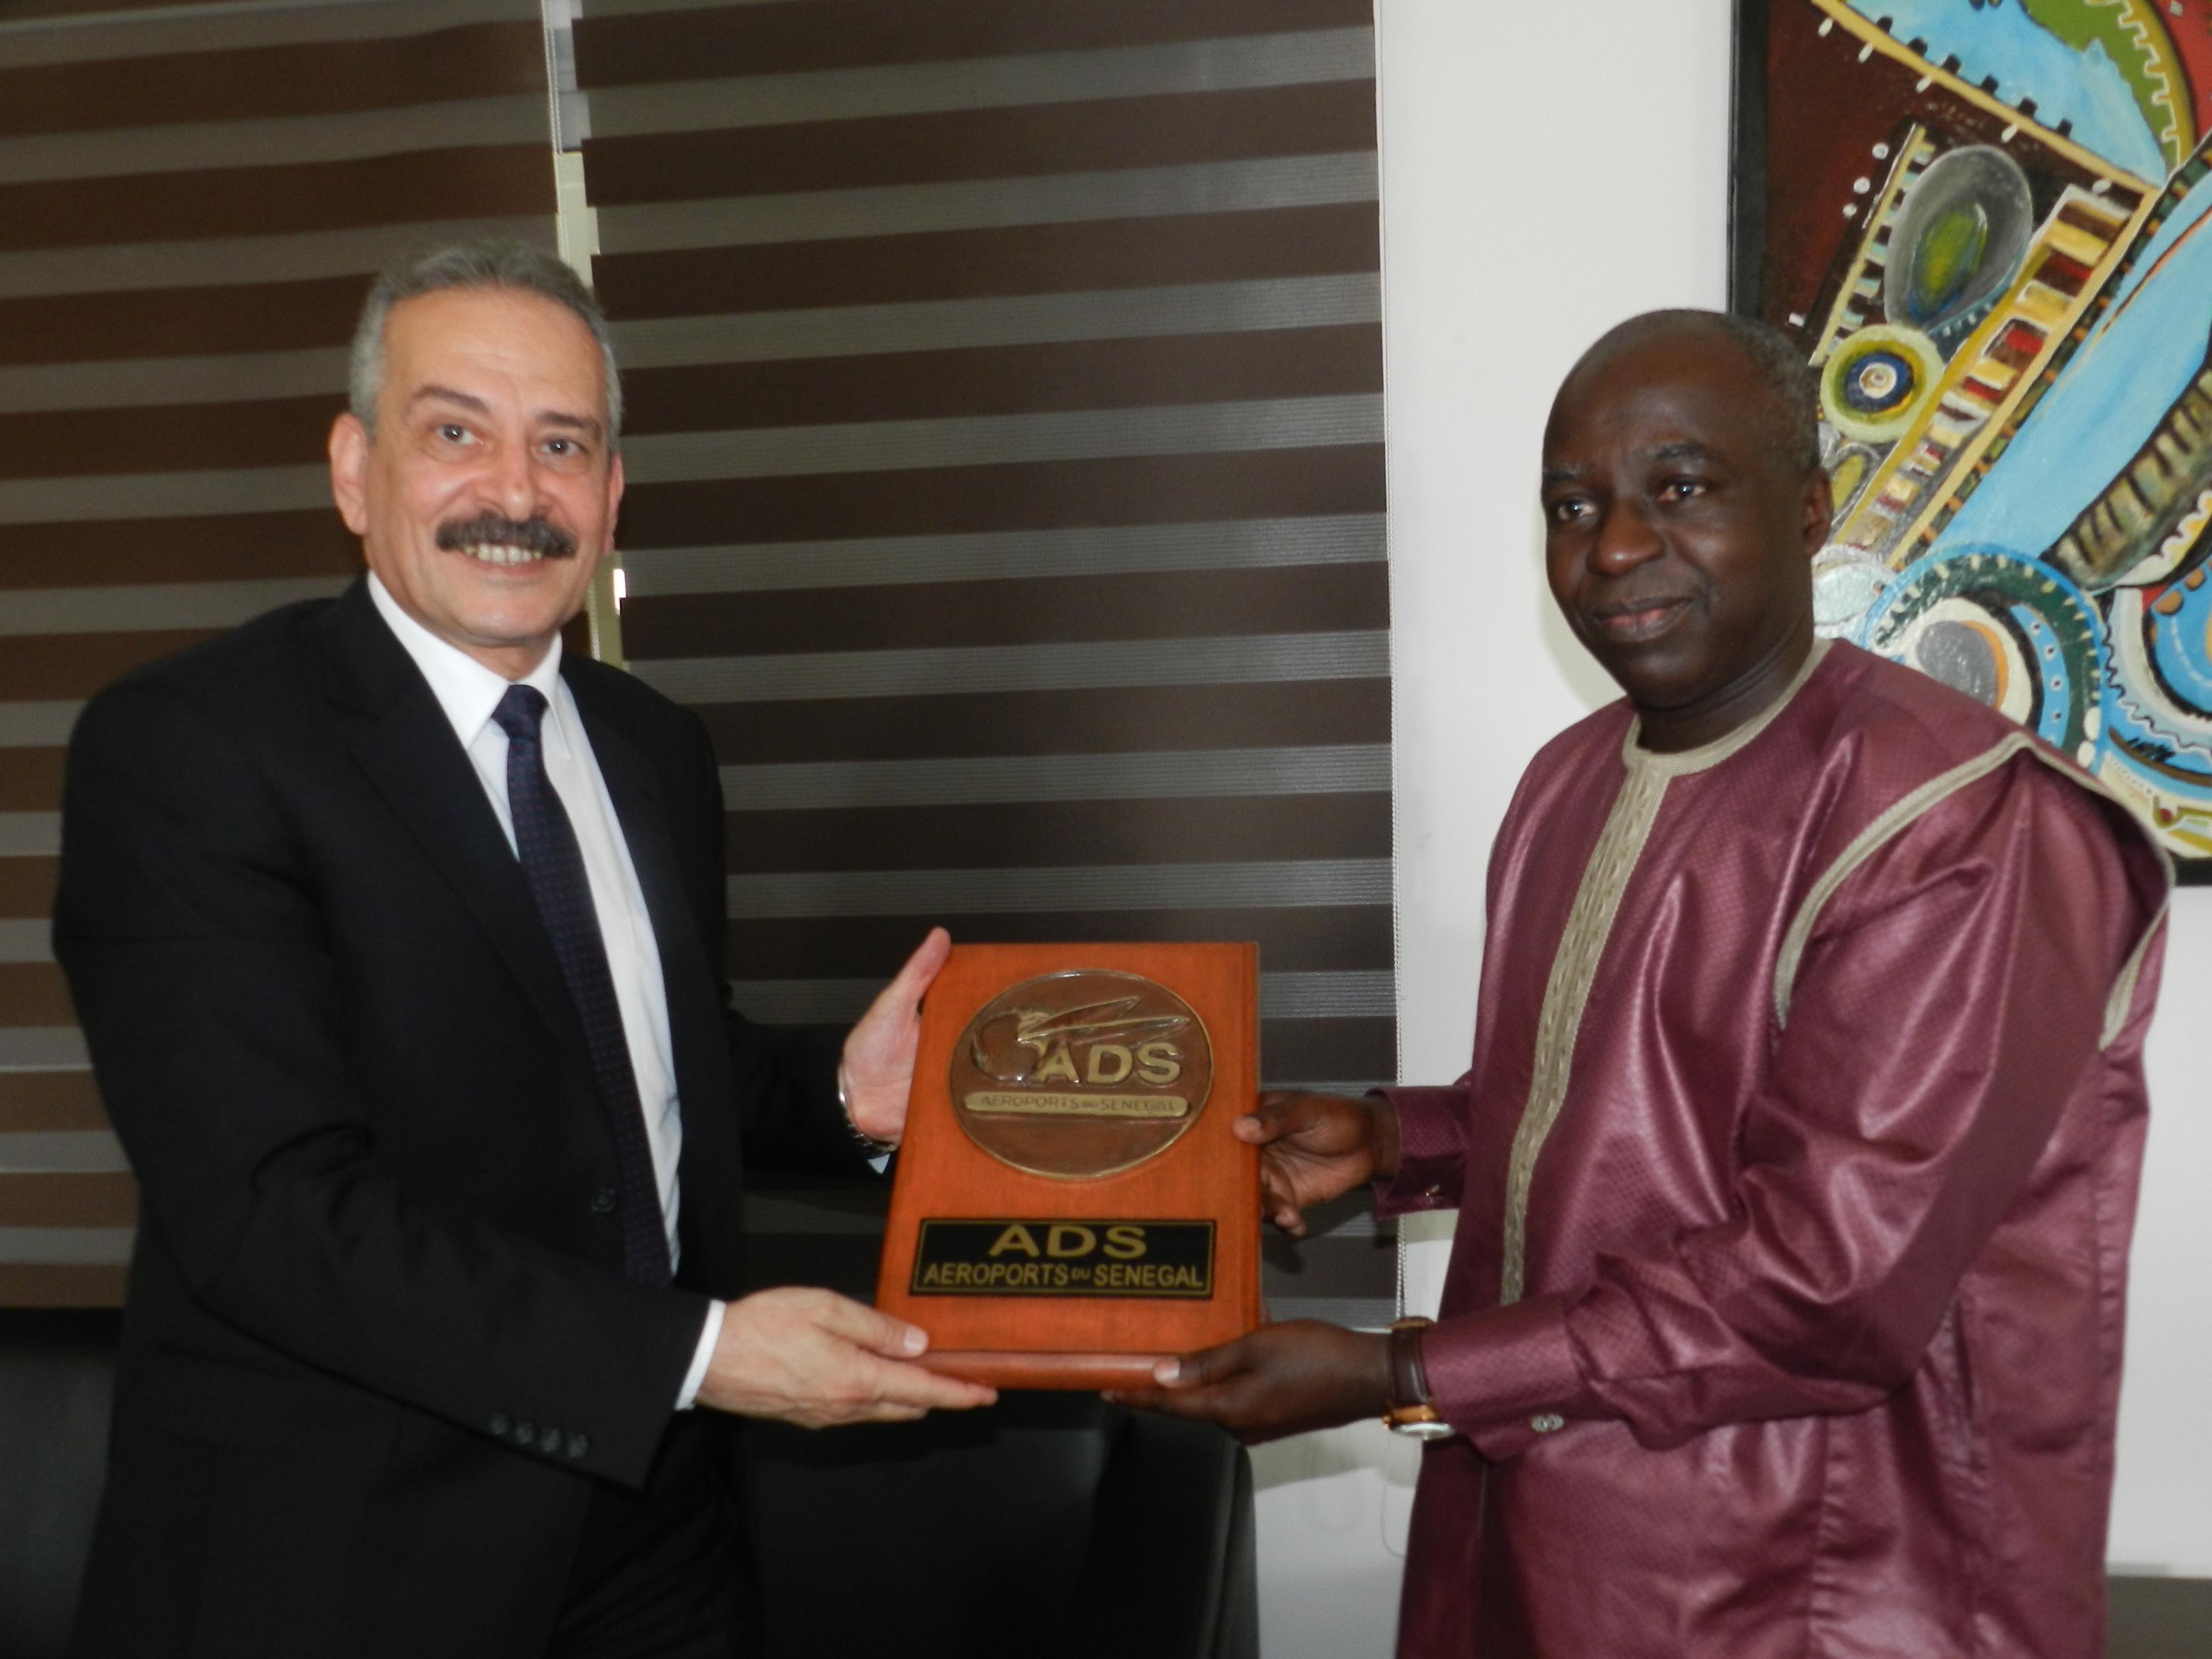 Visite du Président de la Commission Africaine de l'Aviation Civile : Désignation d'un point focal au niveau des ADS pour suivre toutes les préoccupations de la CAFAC